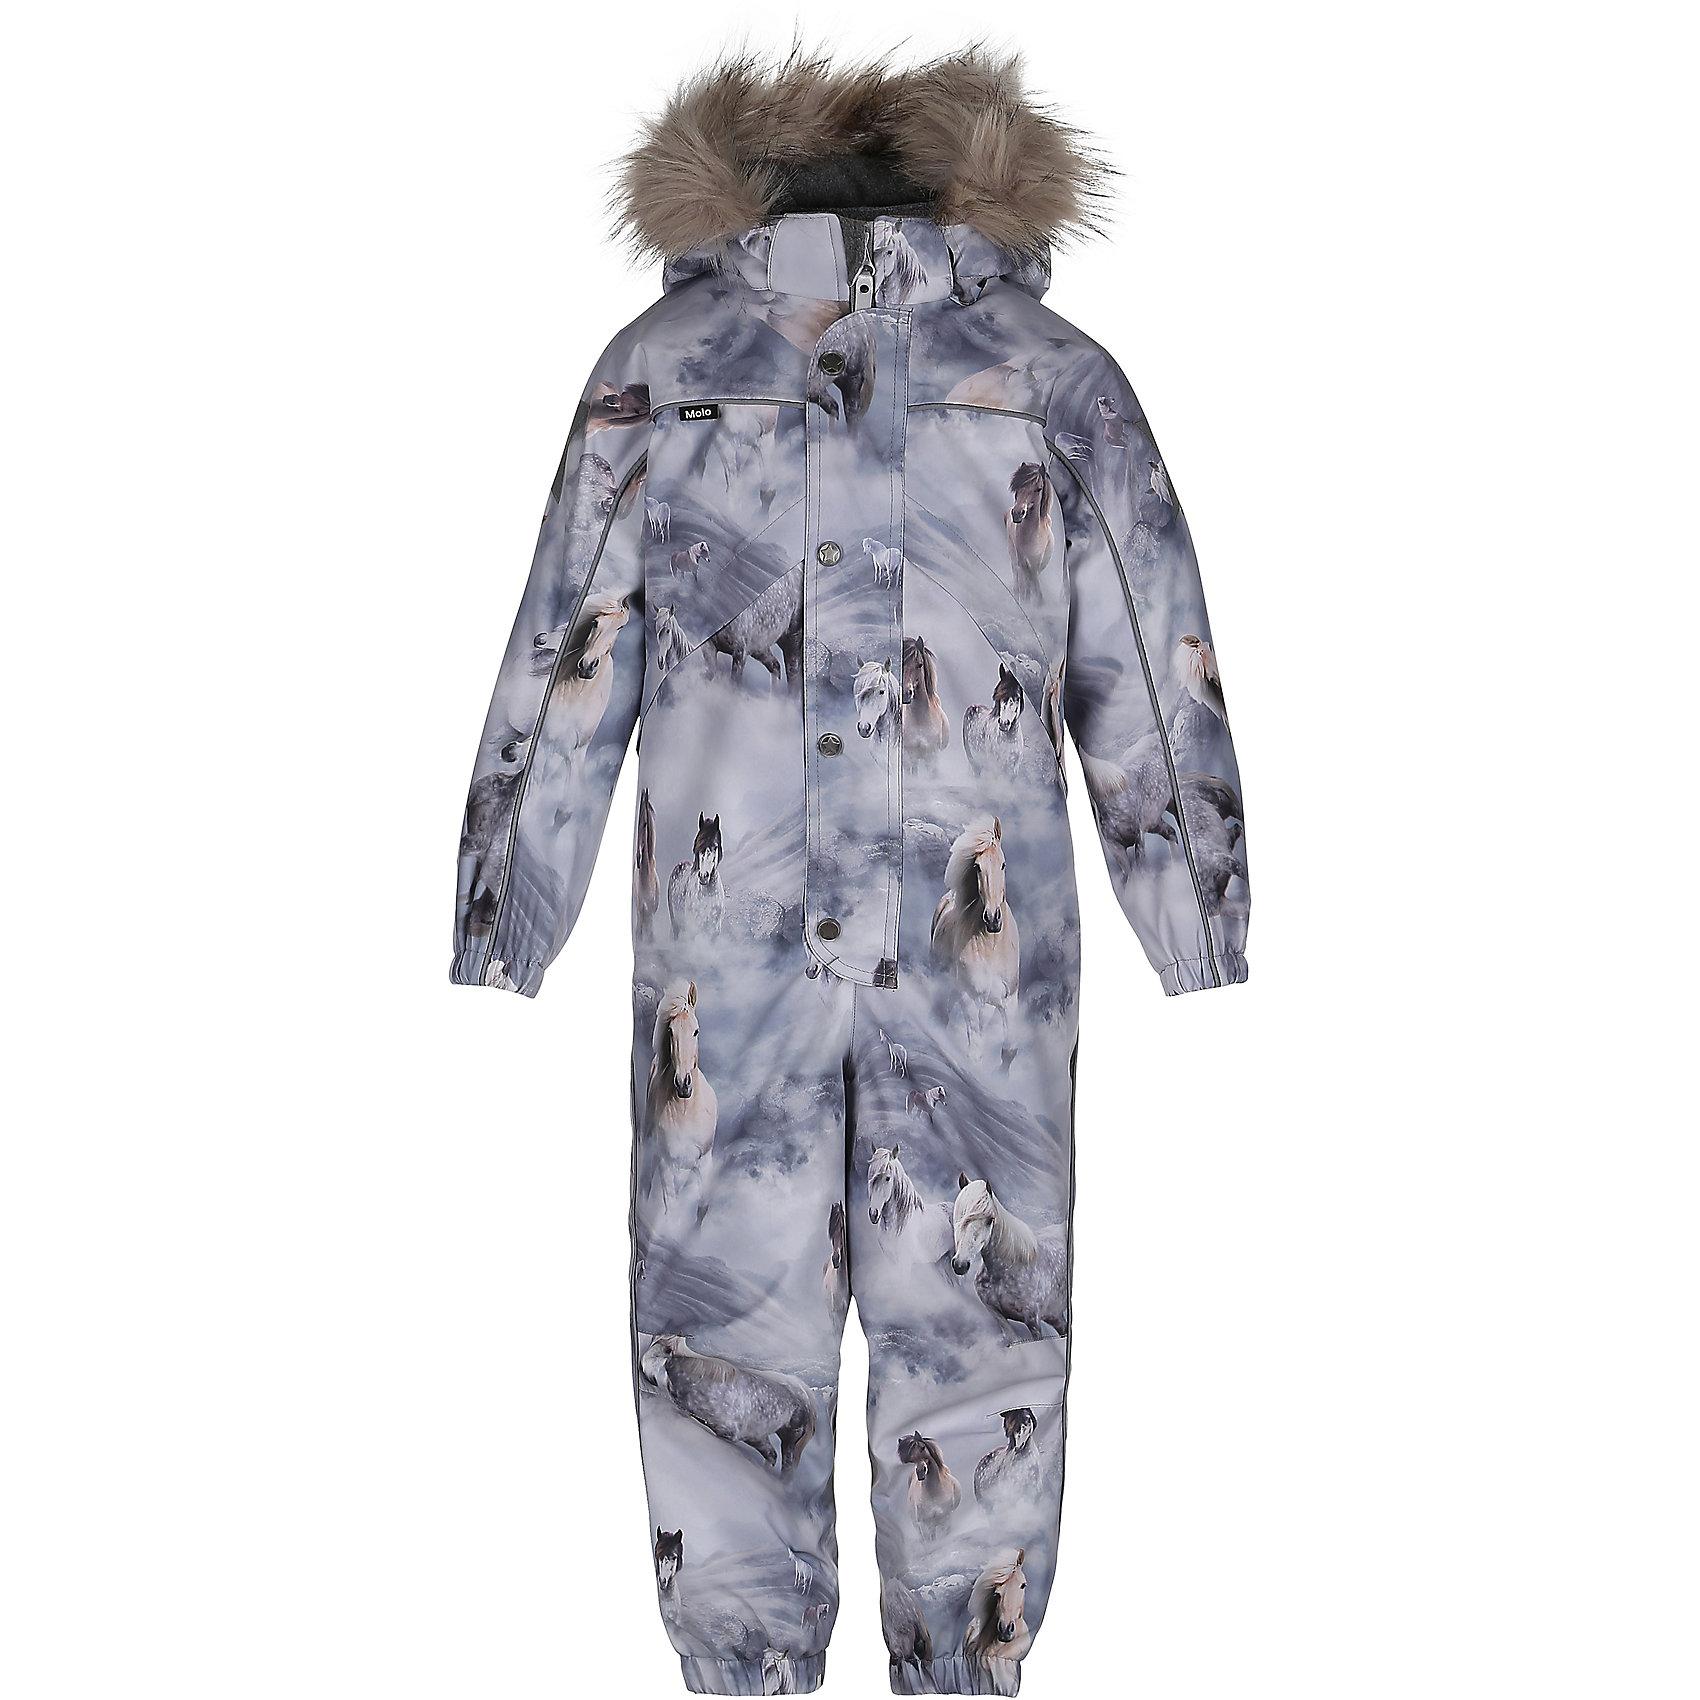 Комбинезон MOLO для девочкиВерхняя одежда<br>Зимний комбинезон Molo <br>• состав: 100% нейлон, 100% полиэстер<br>• температурный режим: 0° до -25° градусов<br>• утеплитель:  ThinsulateTM  прекрасно сохраняющий тепло,  позволяет телу дышать и остается при этом сухим и легким<br>• водонепроницаемость: 10 000 мм<br>• отвод влаги: 8 000 г/м2/24ч<br>• основные швы проклеены<br>• съёмный капюшон<br>• удобные молнии<br>• «дышащий» материал<br>• ветро- водо- и грязеотталкивающий материал<br>• ветрозащитная планка<br>• комфортная посадка<br>• прочные съёмные силиконовые штрипки<br>• страна производства: Китай<br>• страна бренда: Дания <br> Фантастический и причудливый датский бренд Molo это самый актуальный и стильный дизайн в детской одежде для маленьких модников.<br><br>Ширина мм: 215<br>Глубина мм: 88<br>Высота мм: 191<br>Вес г: 336<br>Цвет: белый<br>Возраст от месяцев: 84<br>Возраст до месяцев: 96<br>Пол: Женский<br>Возраст: Детский<br>Размер: 128,104,110,116,122<br>SKU: 6995069